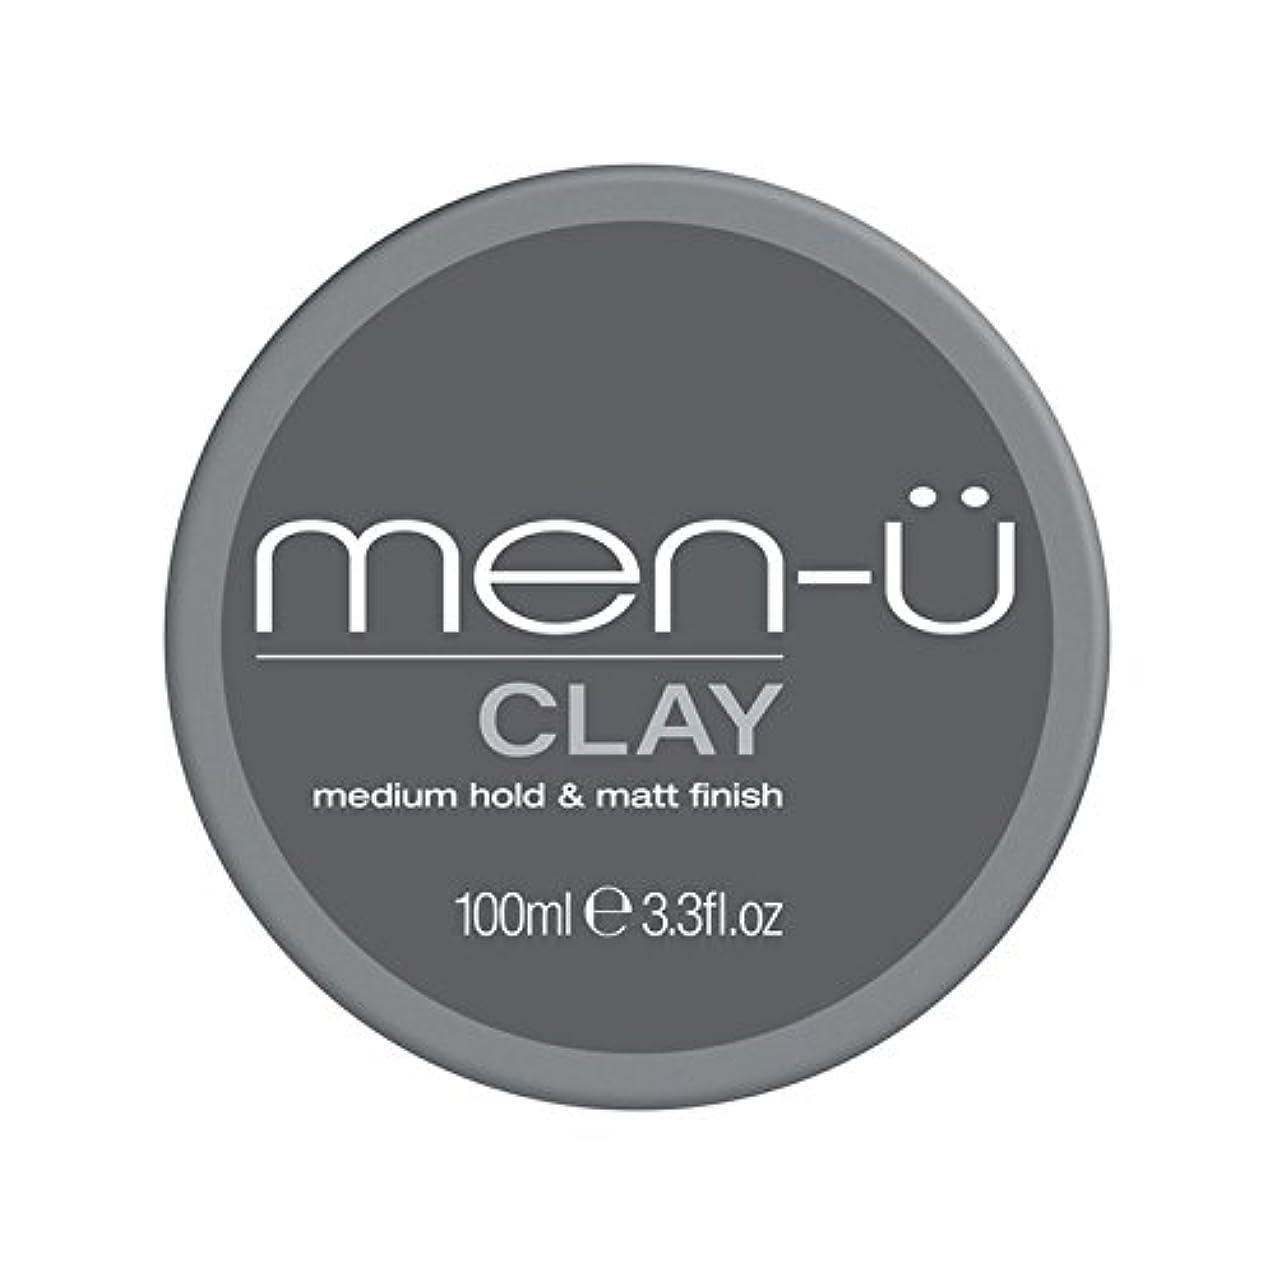 状まもなく航海Men-? Clay (100ml) - 男性-粘土(100ミリリットル) [並行輸入品]